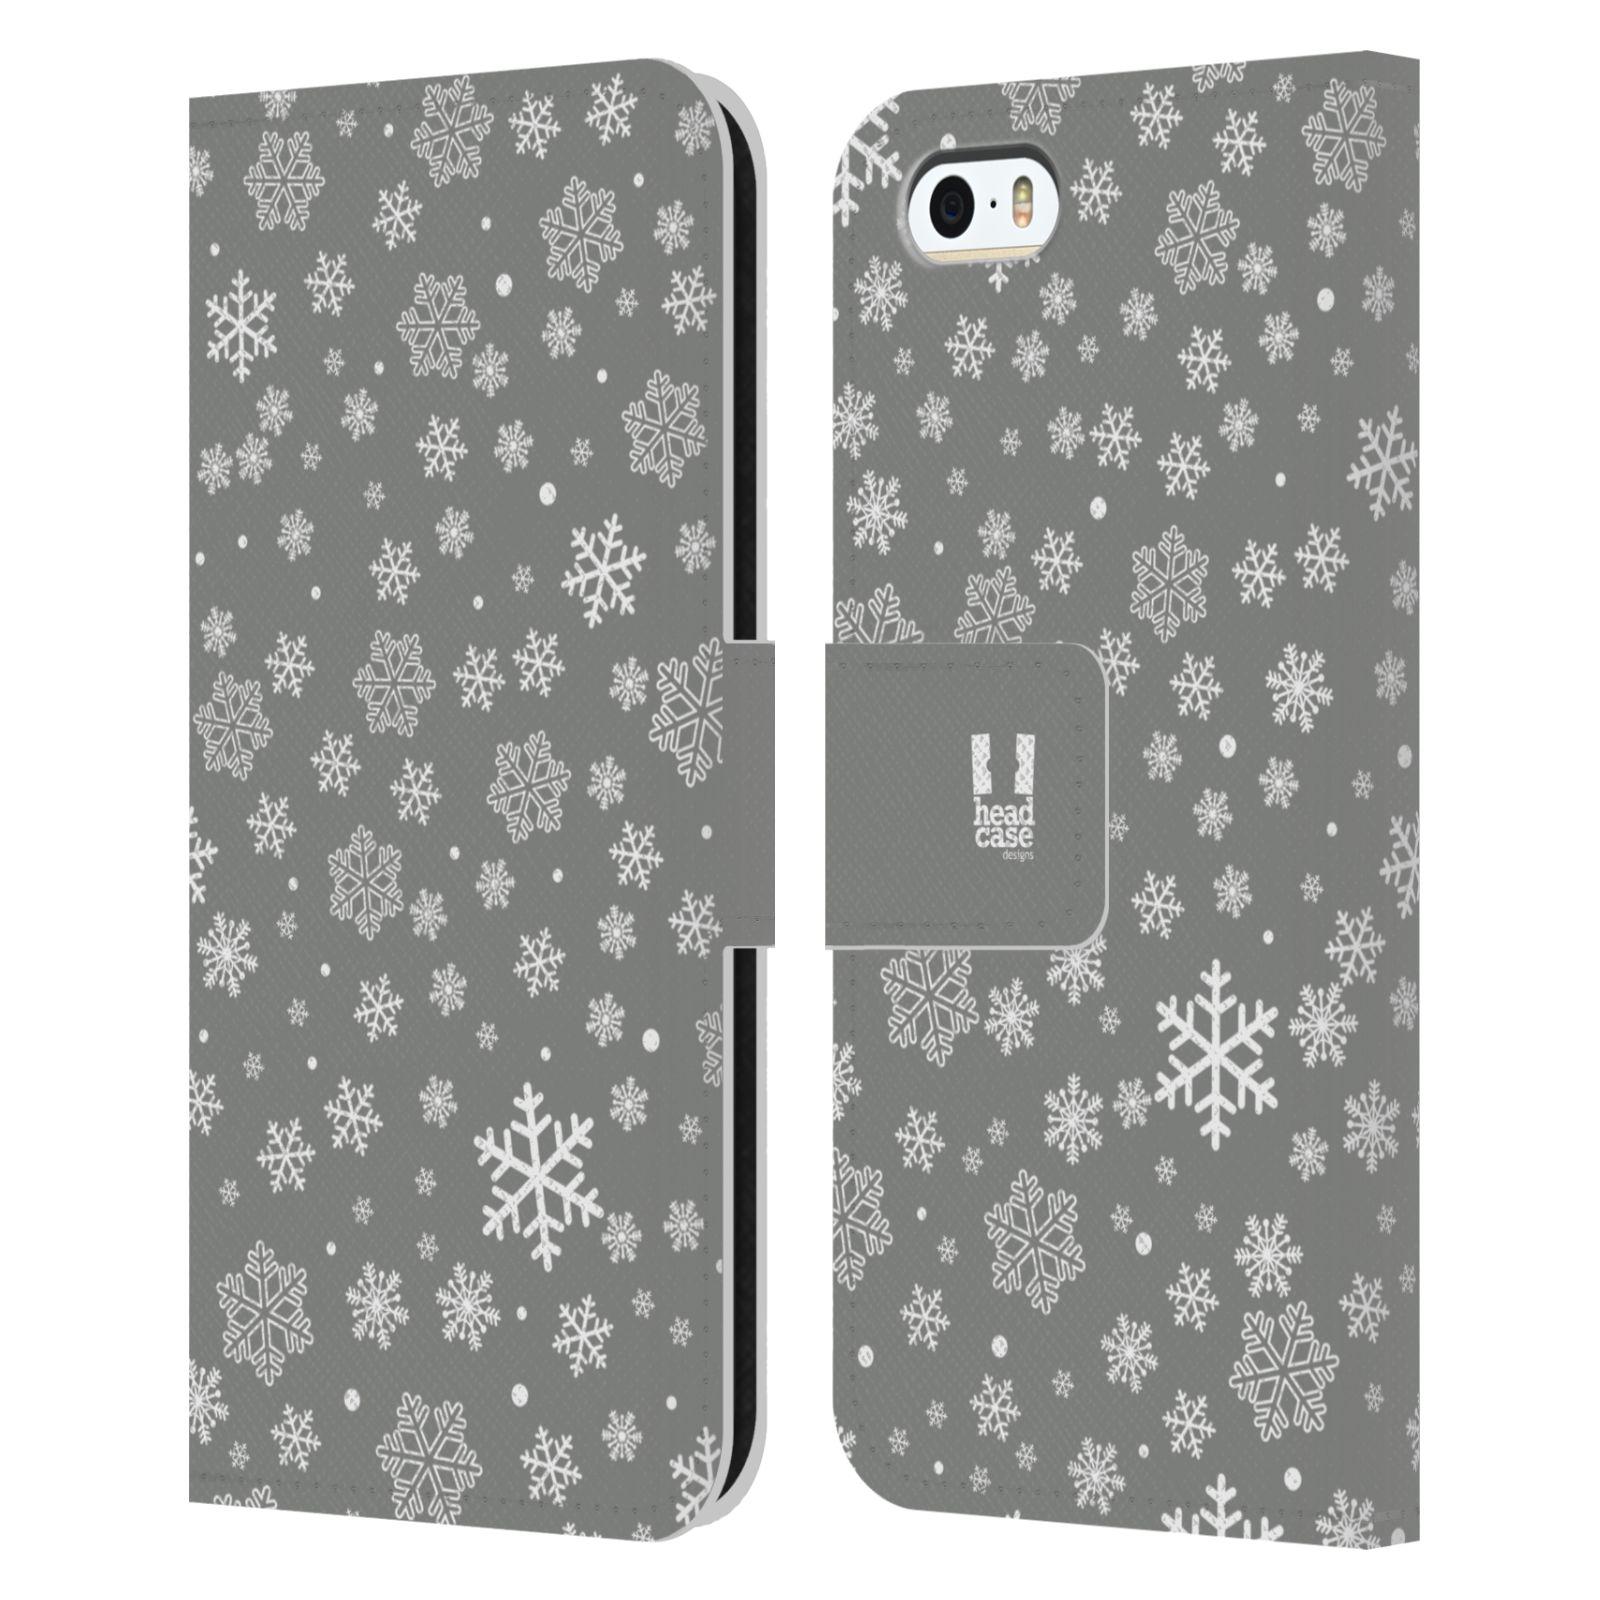 HEAD CASE Flipové pouzdro pro mobil Apple Iphone 5/5s stříbrné vzory sněžná vločka